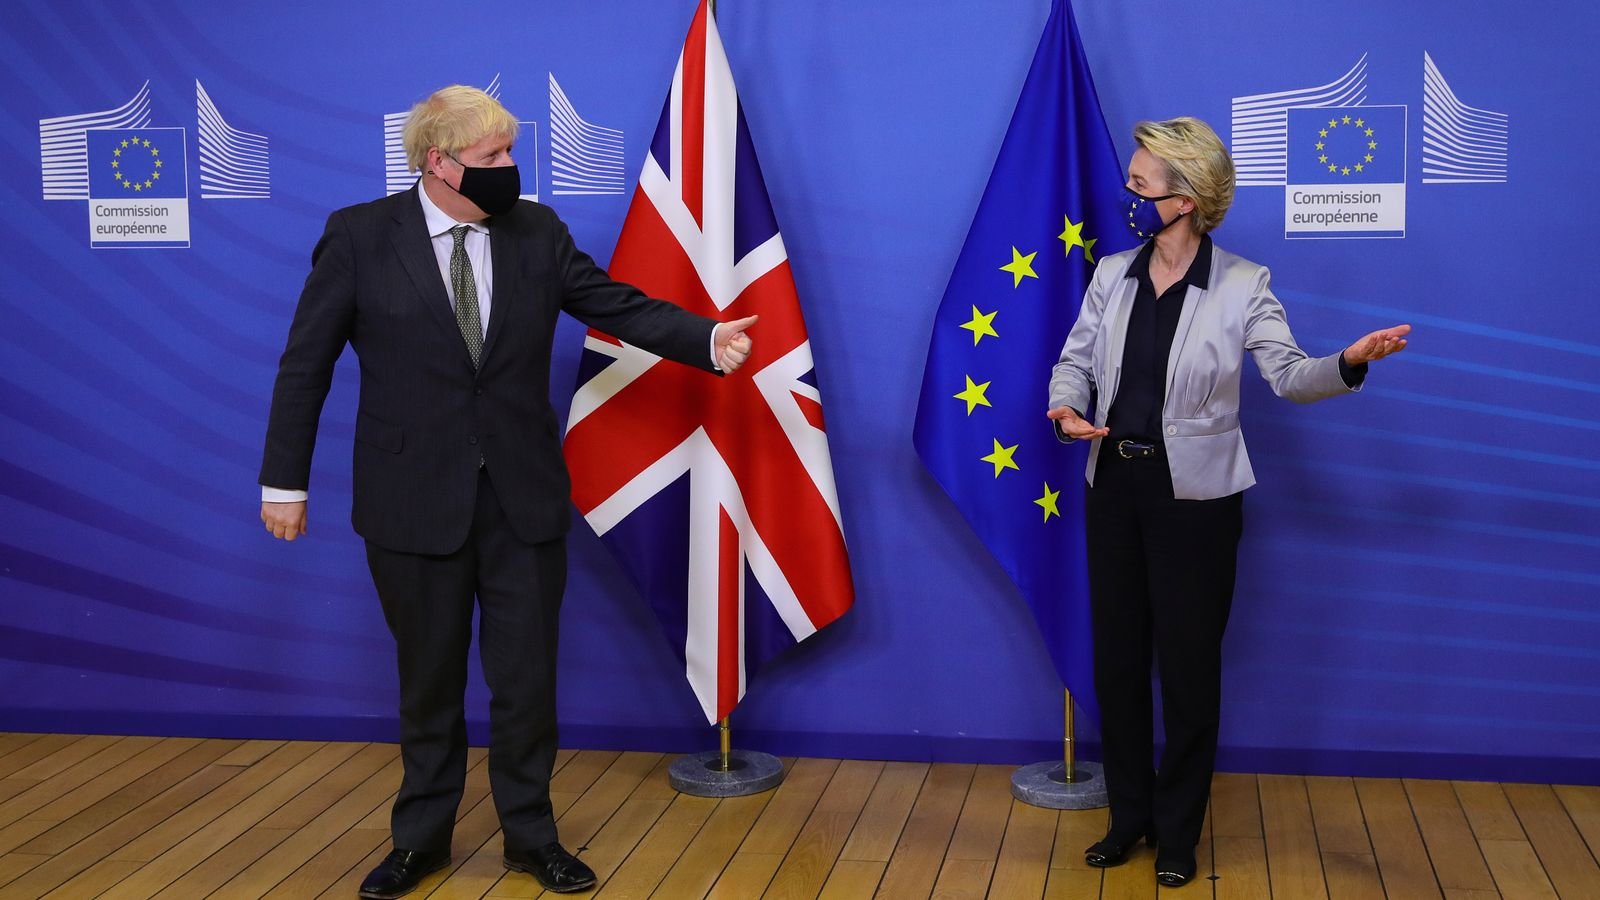 英国首相约翰逊:英欧谈判仍存重大分歧 13日前作出最后决定